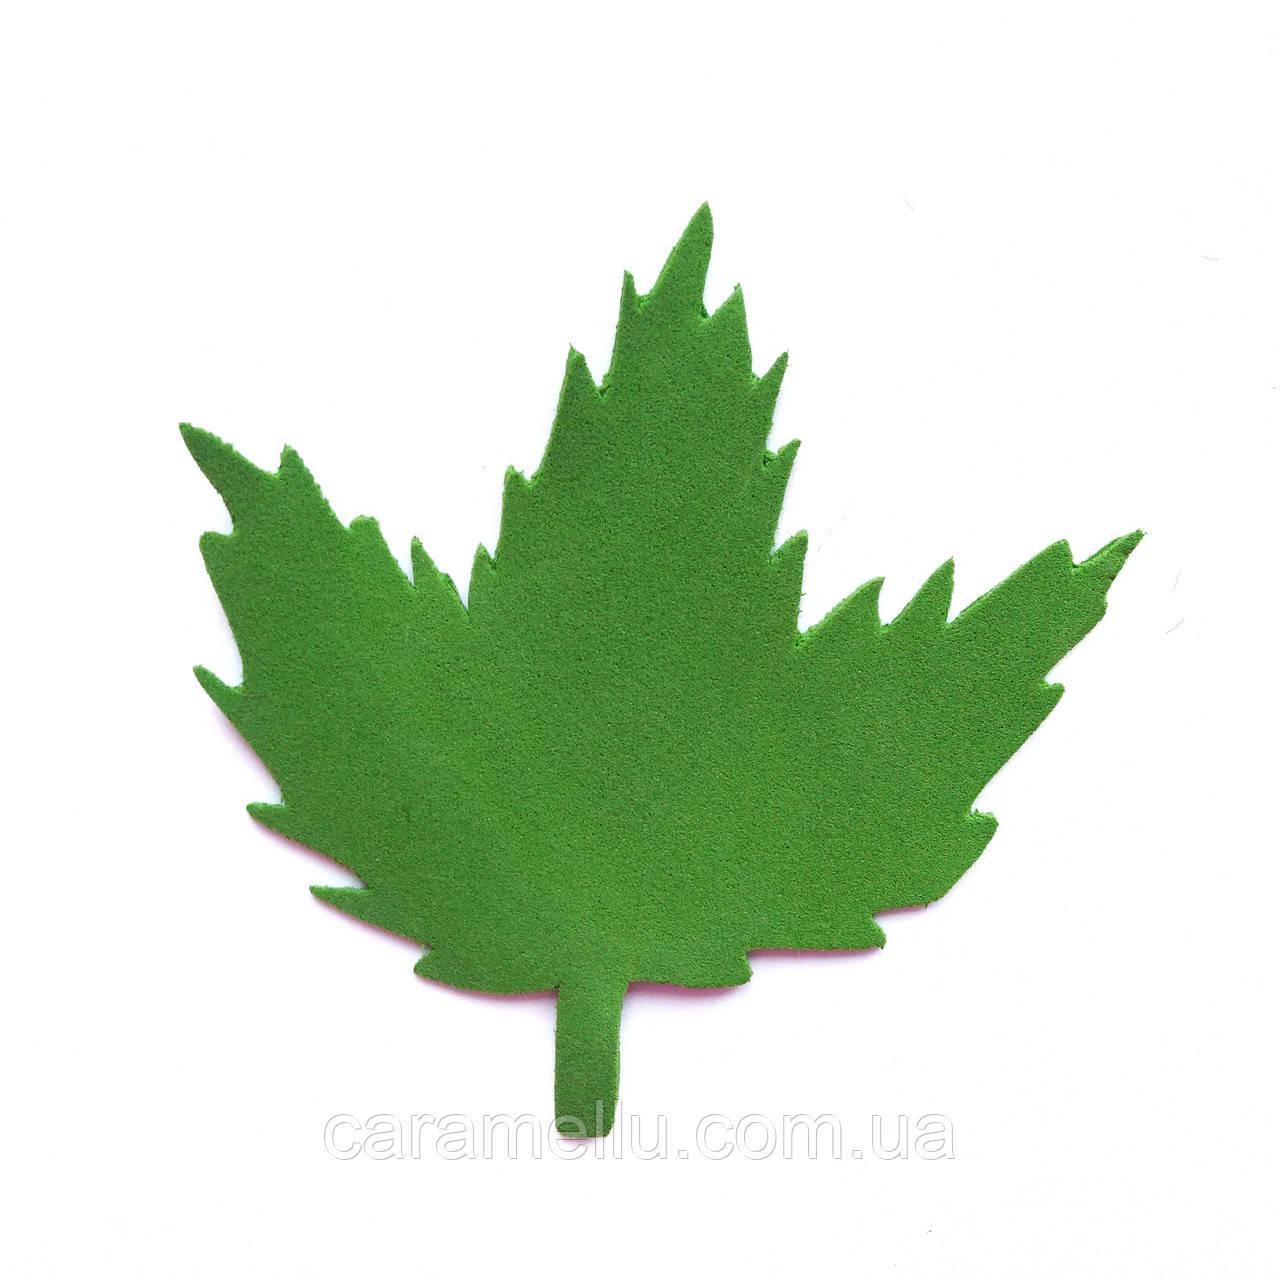 Лист калины 9*9 см.